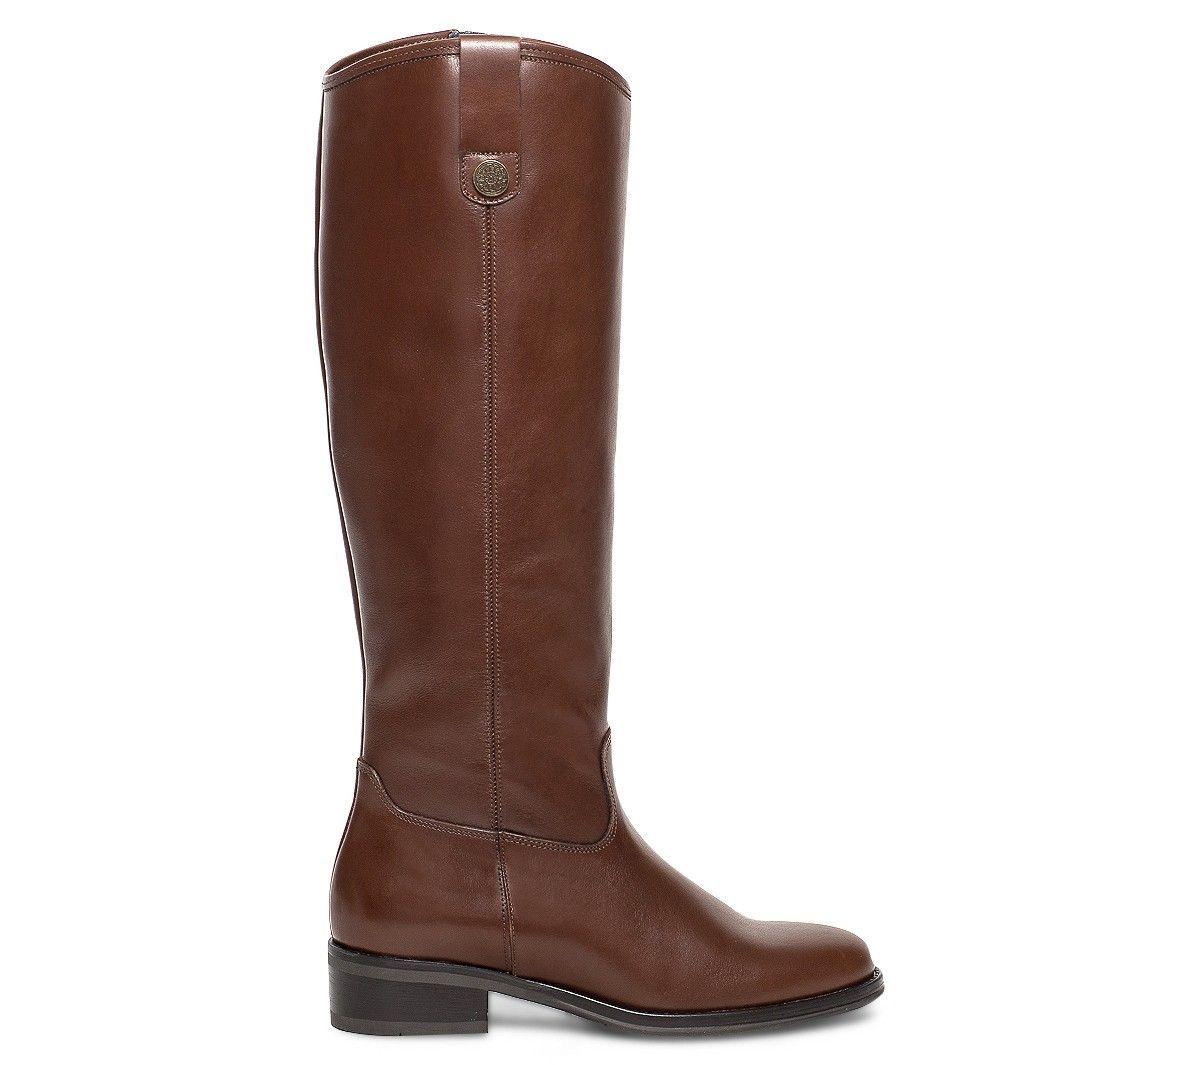 9d4df44c72c95 Botte cavalière cuir marron - Bottes - Chaussures femme Equestrian Style,  African Fashion, Cowboy